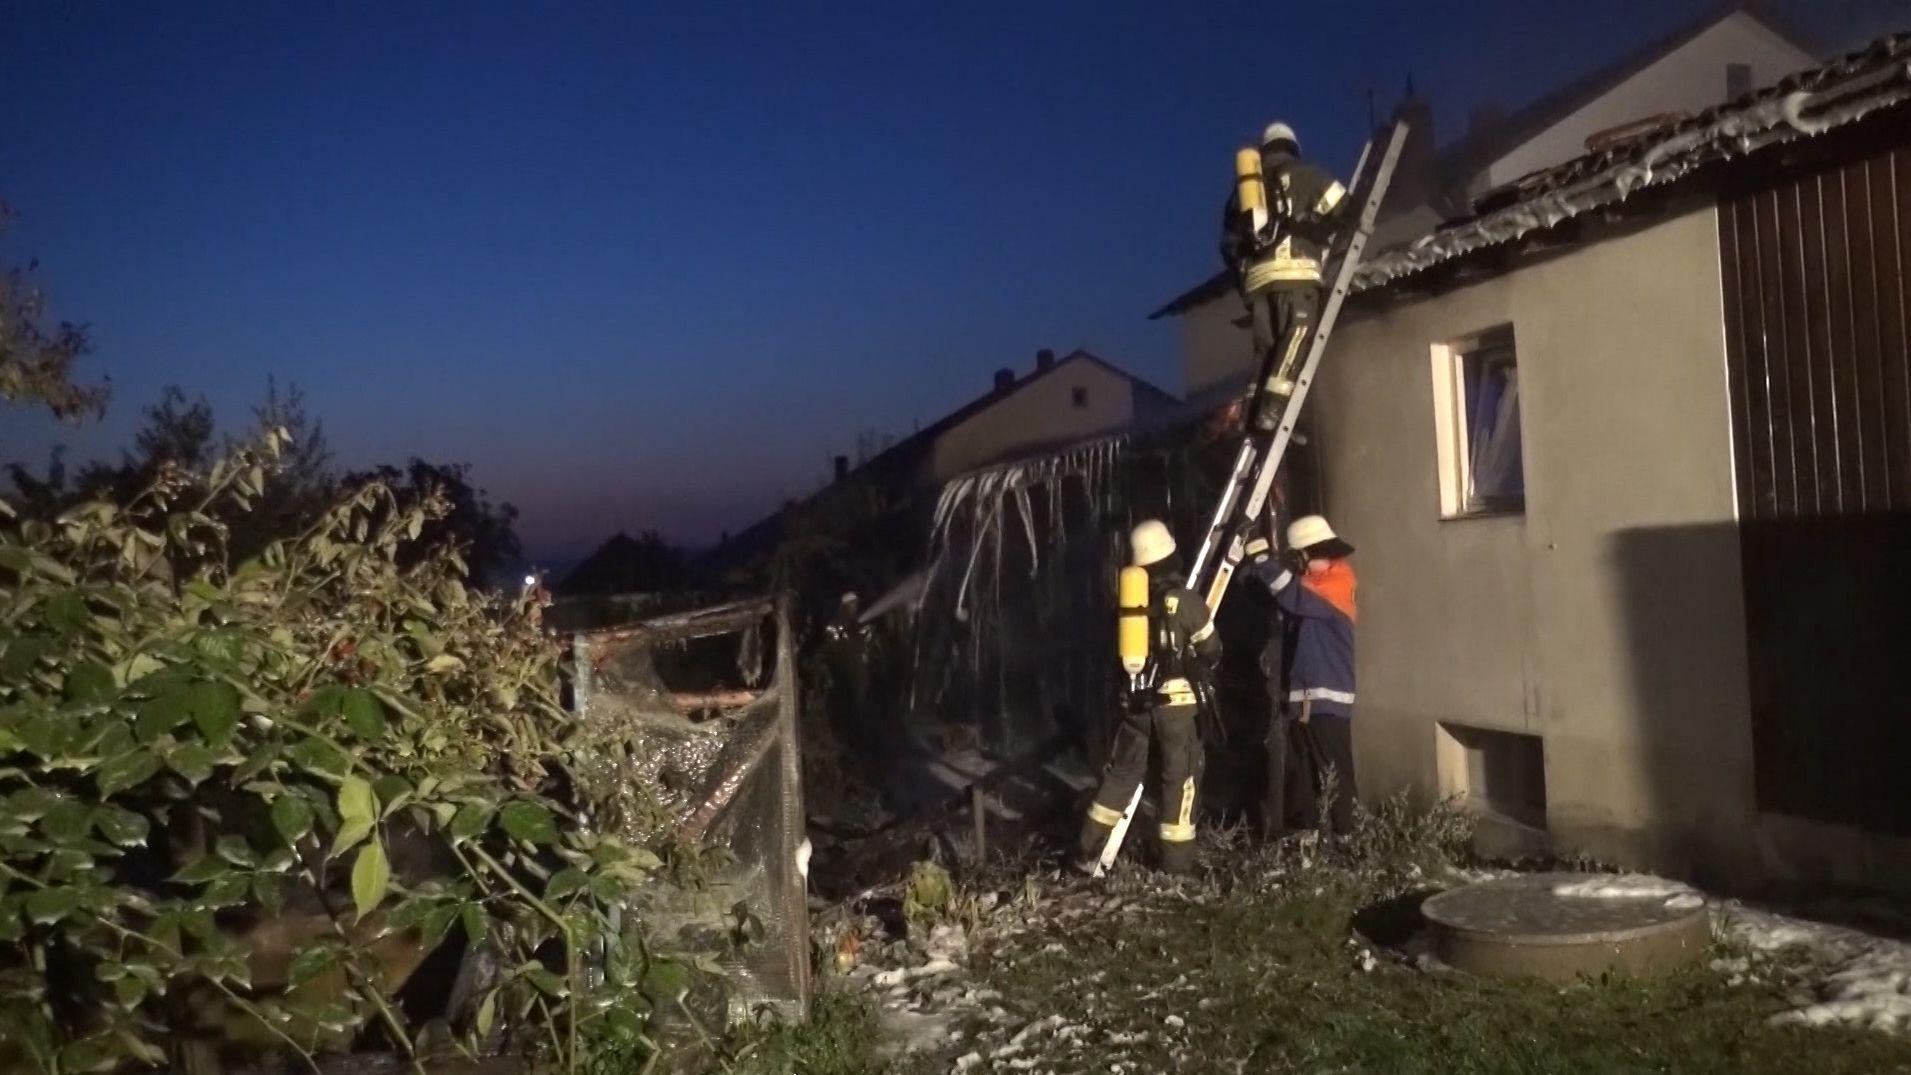 Viertes Feuer in Neunkirchen: War es Brandstiftung?